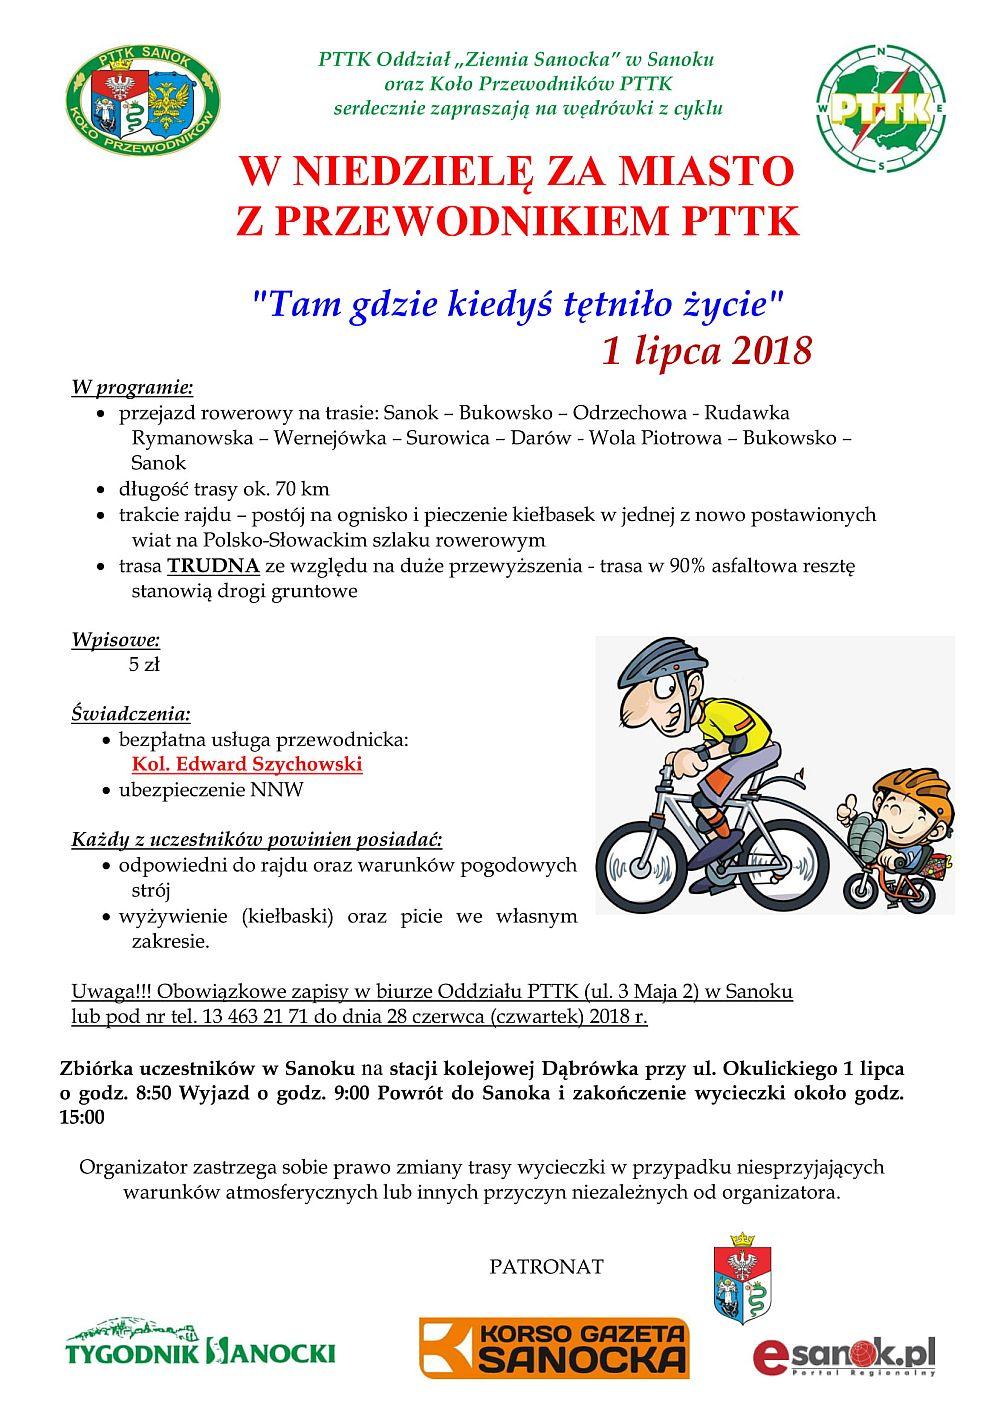 Z przewodnikiem za miasto 01.07.2018 - Edek (rowerowa)-1